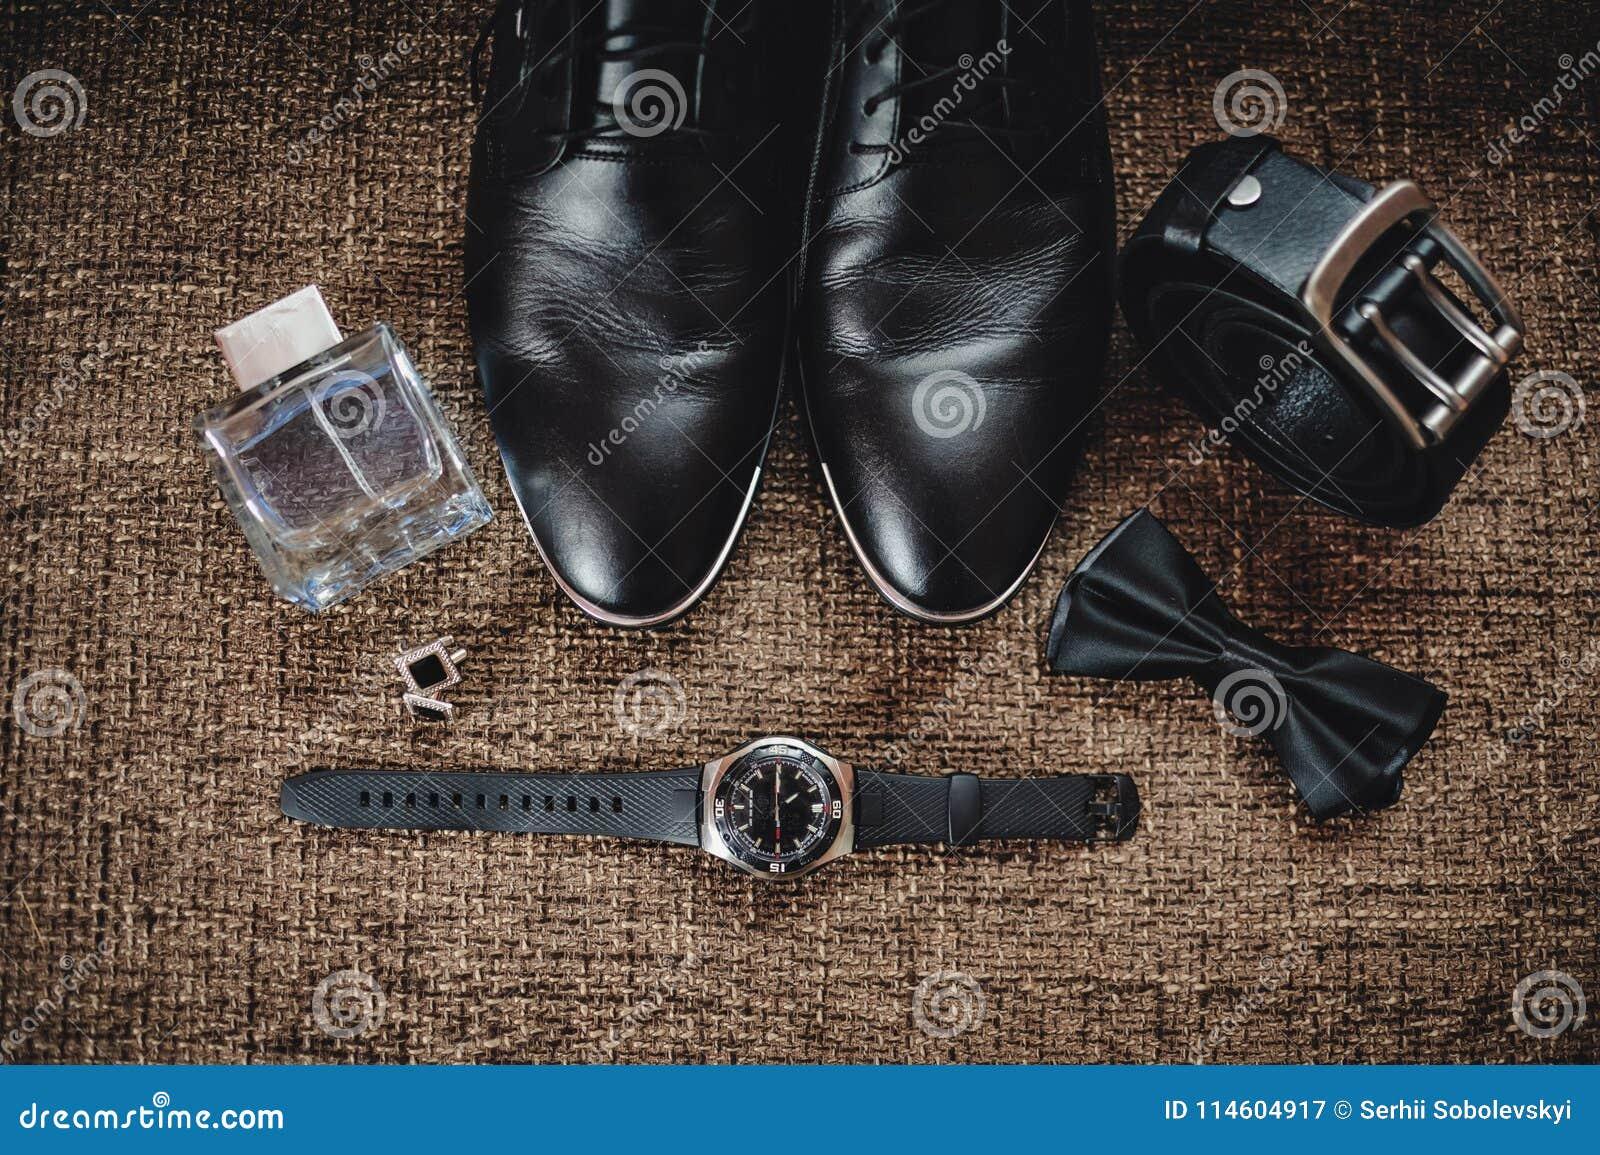 Zwarte schoenen, zwart band, zwart horloge, zwarte vlinder, cufflinks en parfum op een bruine achtergrond met het ontslaan